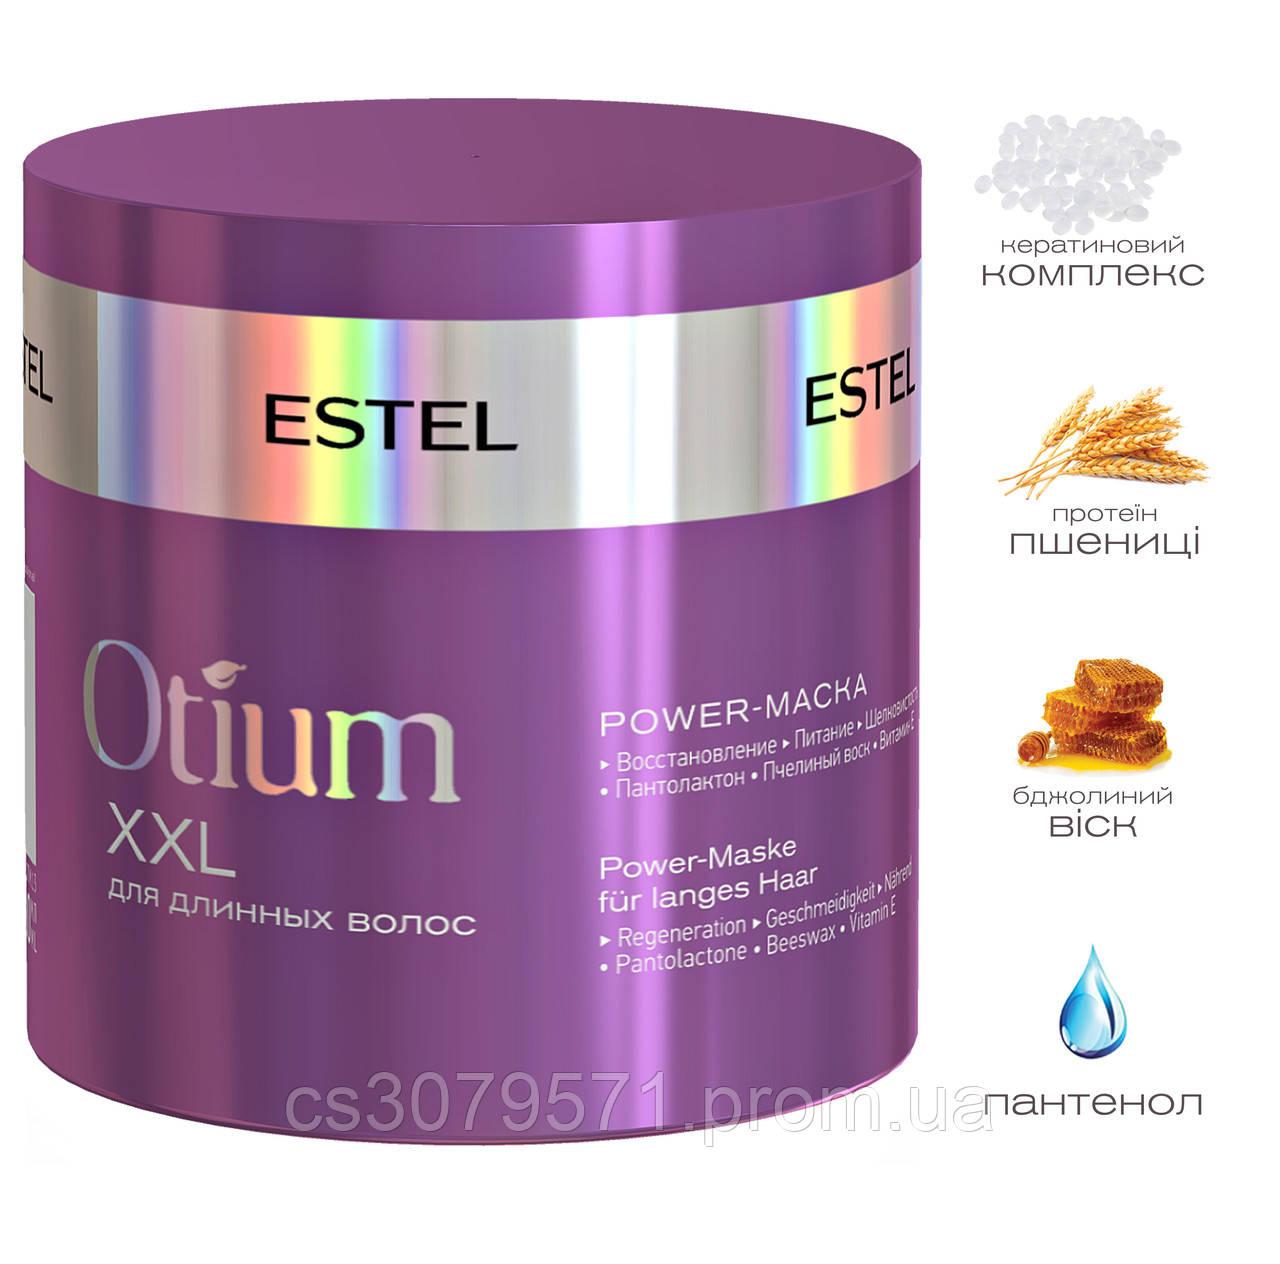 Маска для длинных волос Estel Professional Otium XXL Power, 300 мл